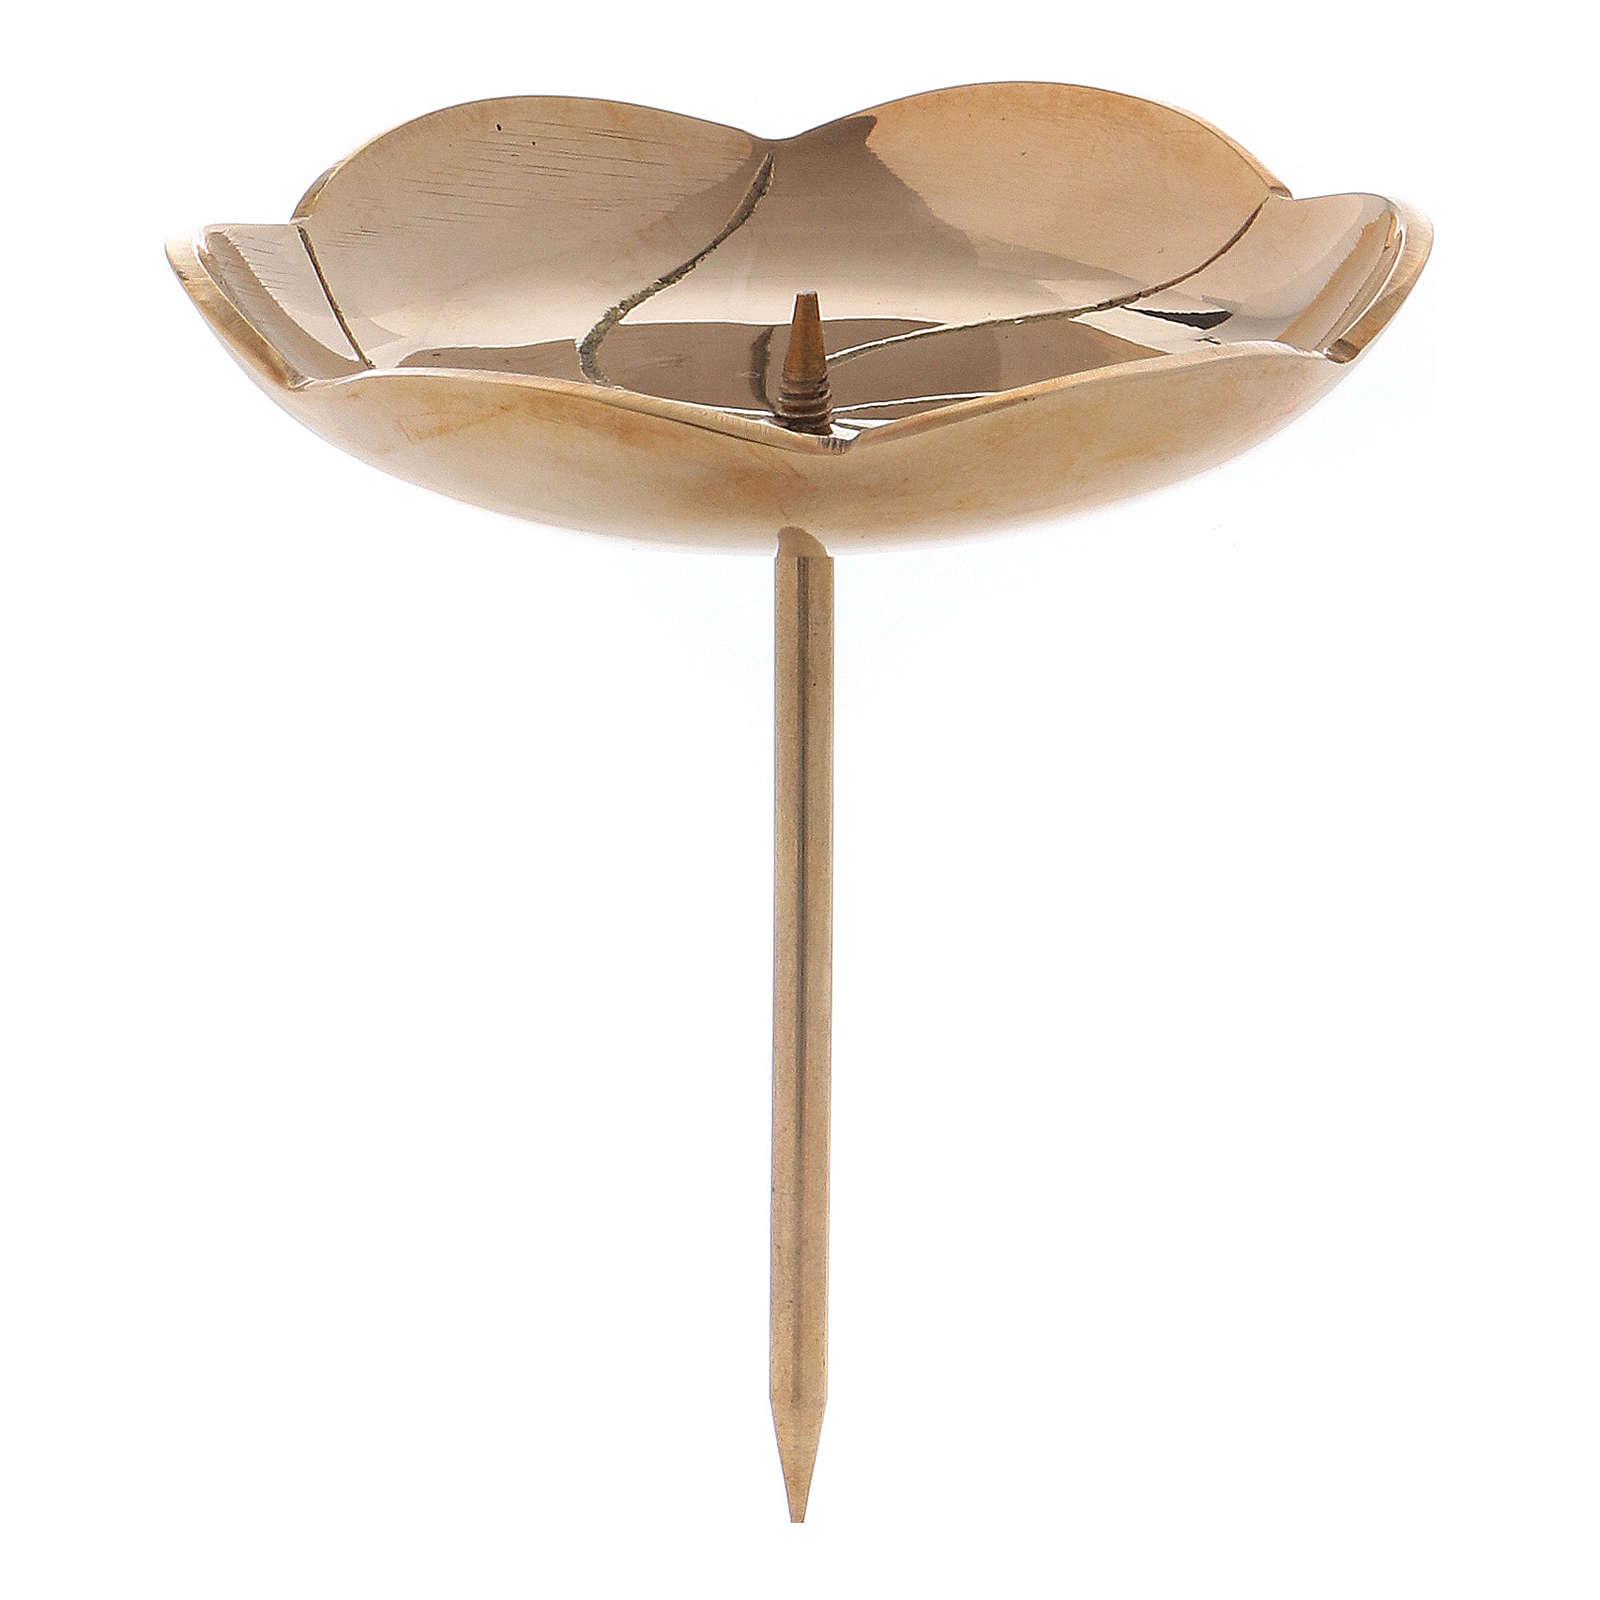 Portacandela fior di loto con spuntone per Avvento ottone dorato 3